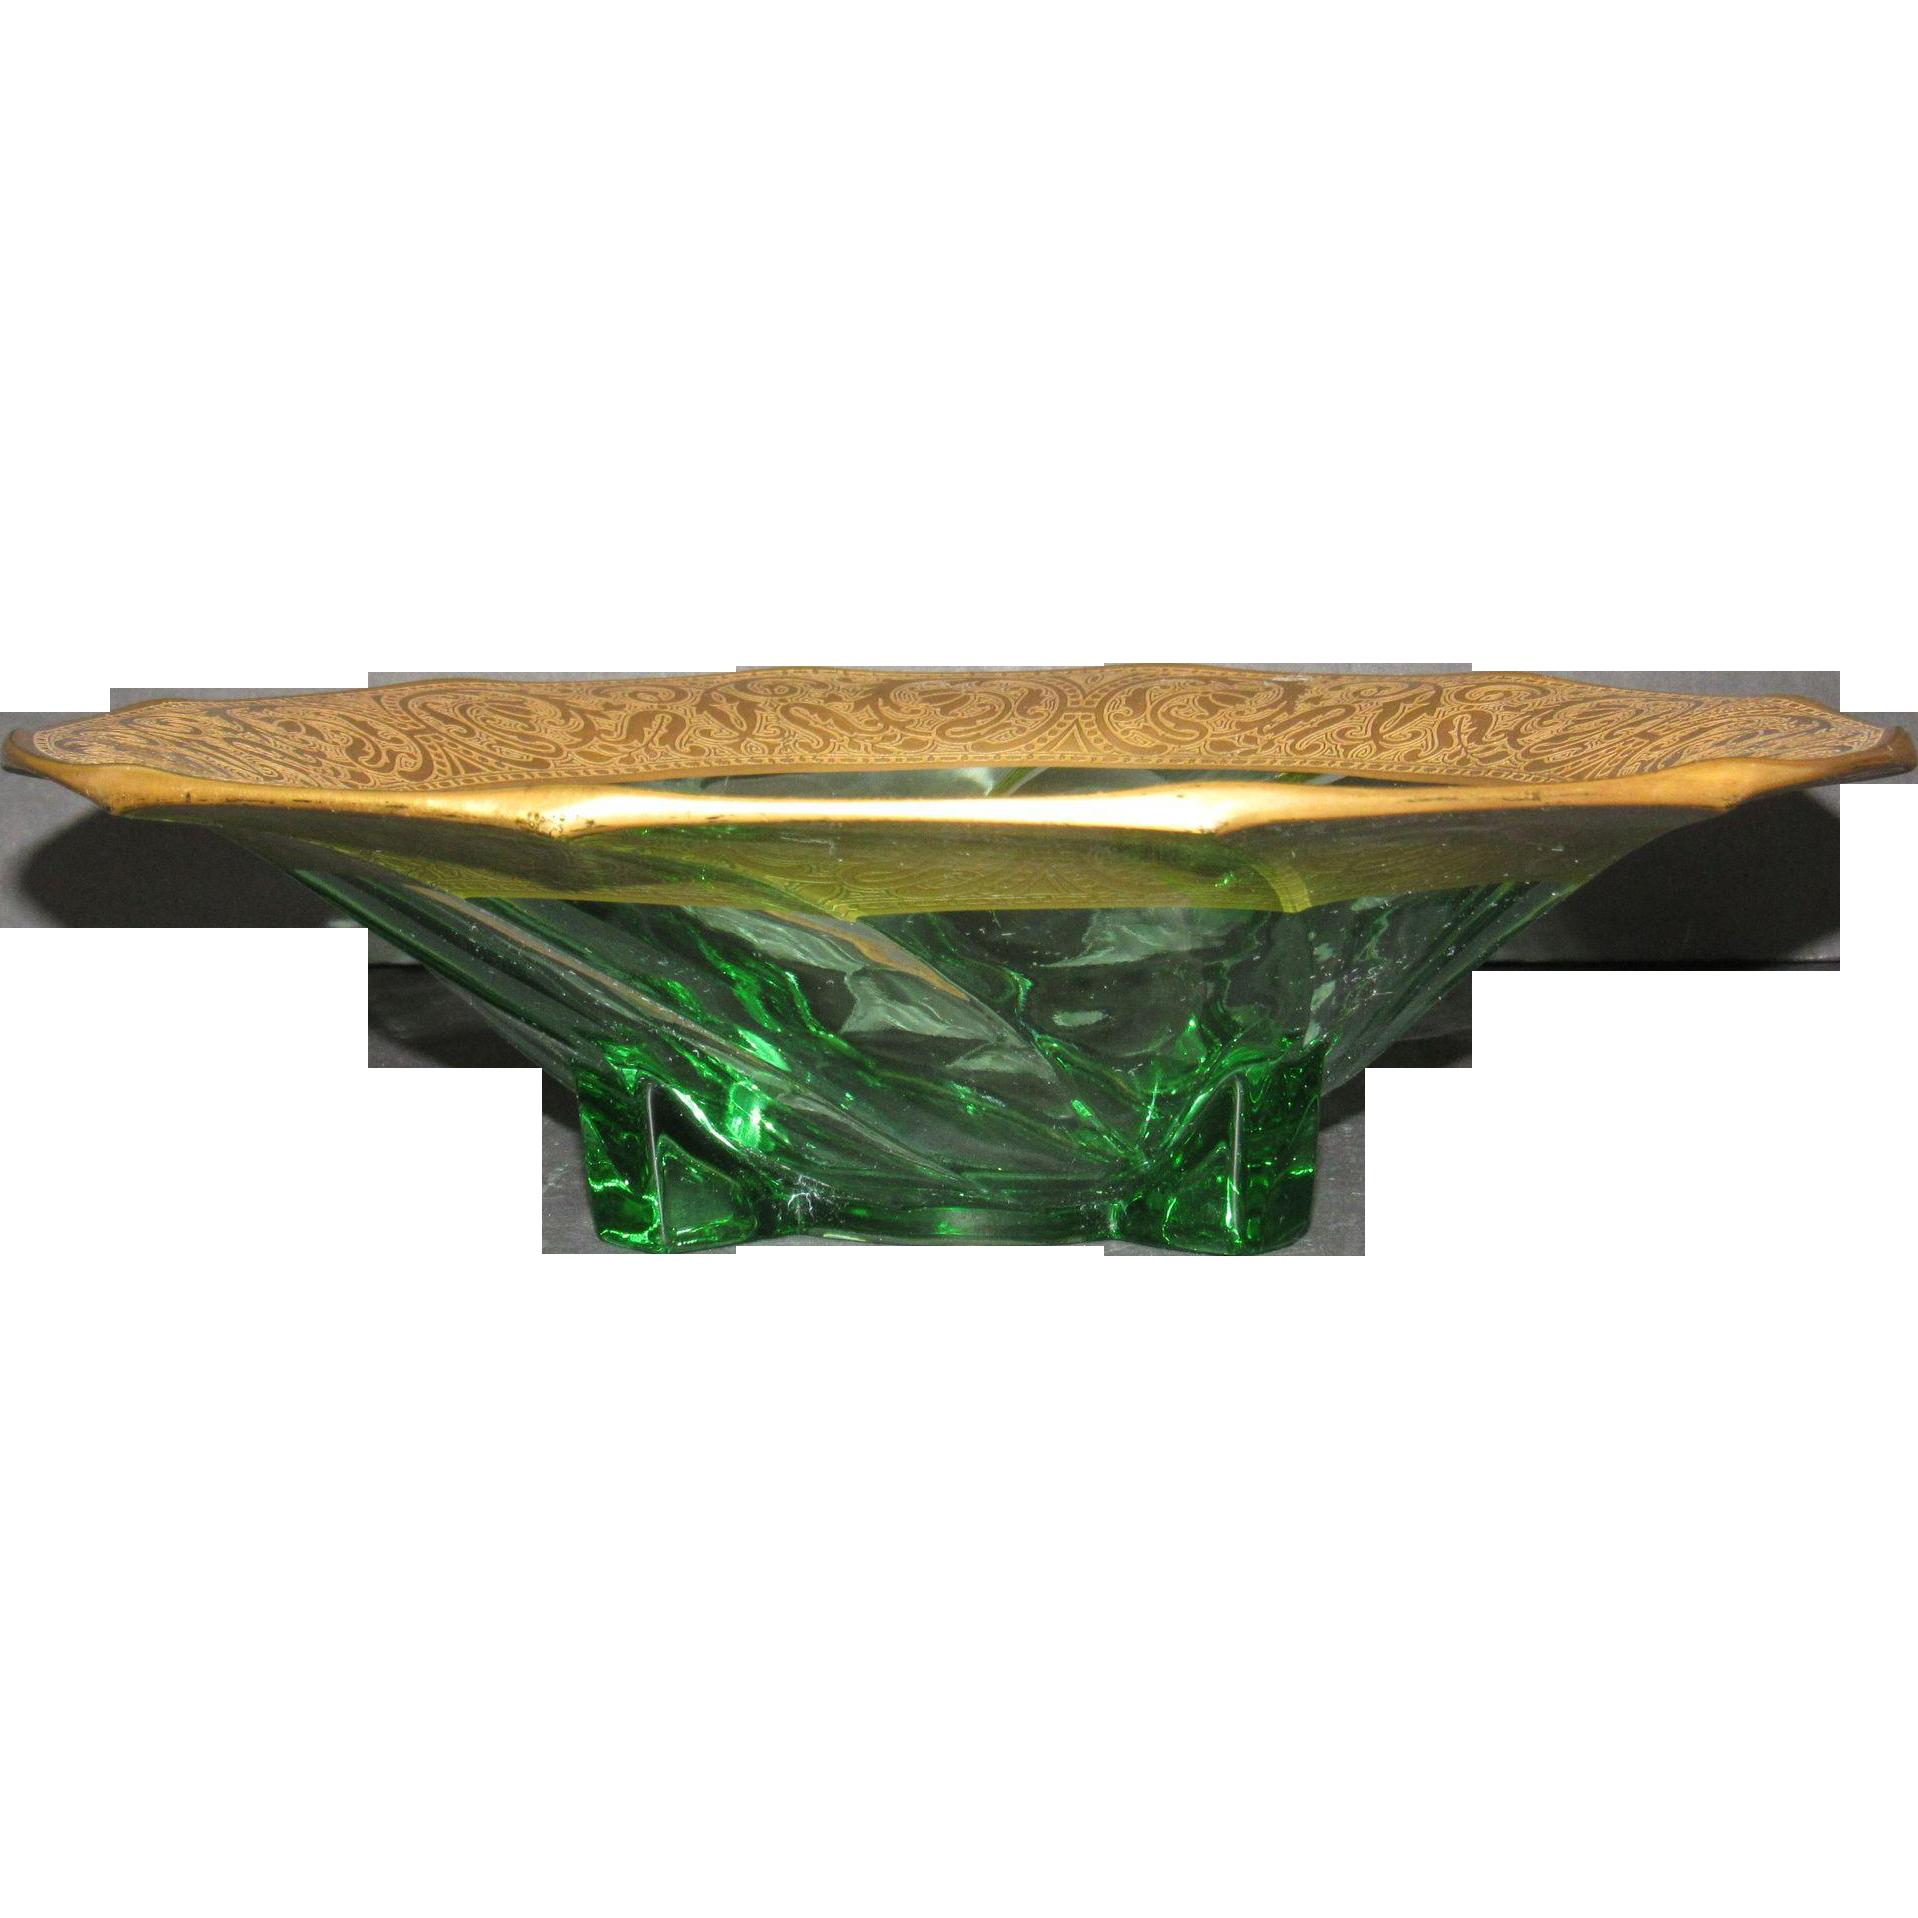 Heisey Moongleam 1252 Swirl Bowl